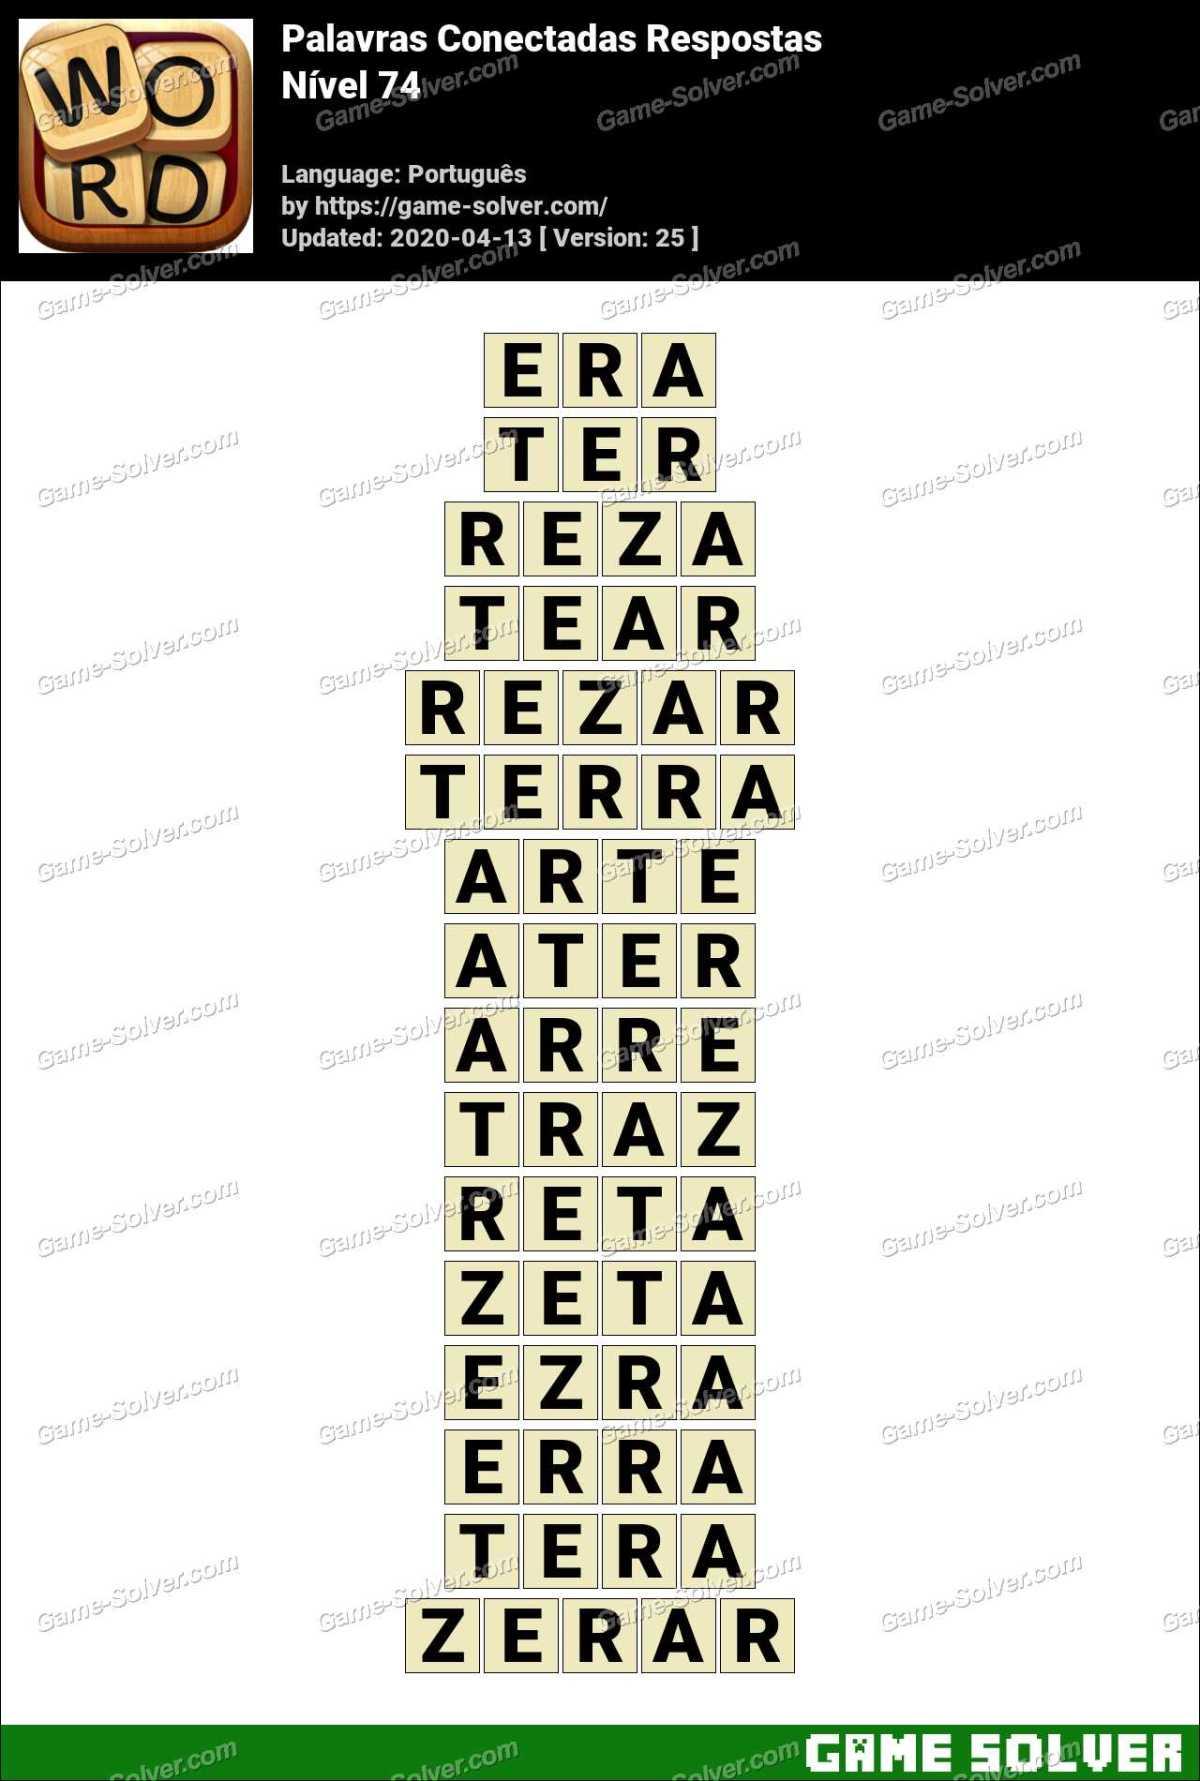 Palavras Conectadas Nivel 74 Respostas